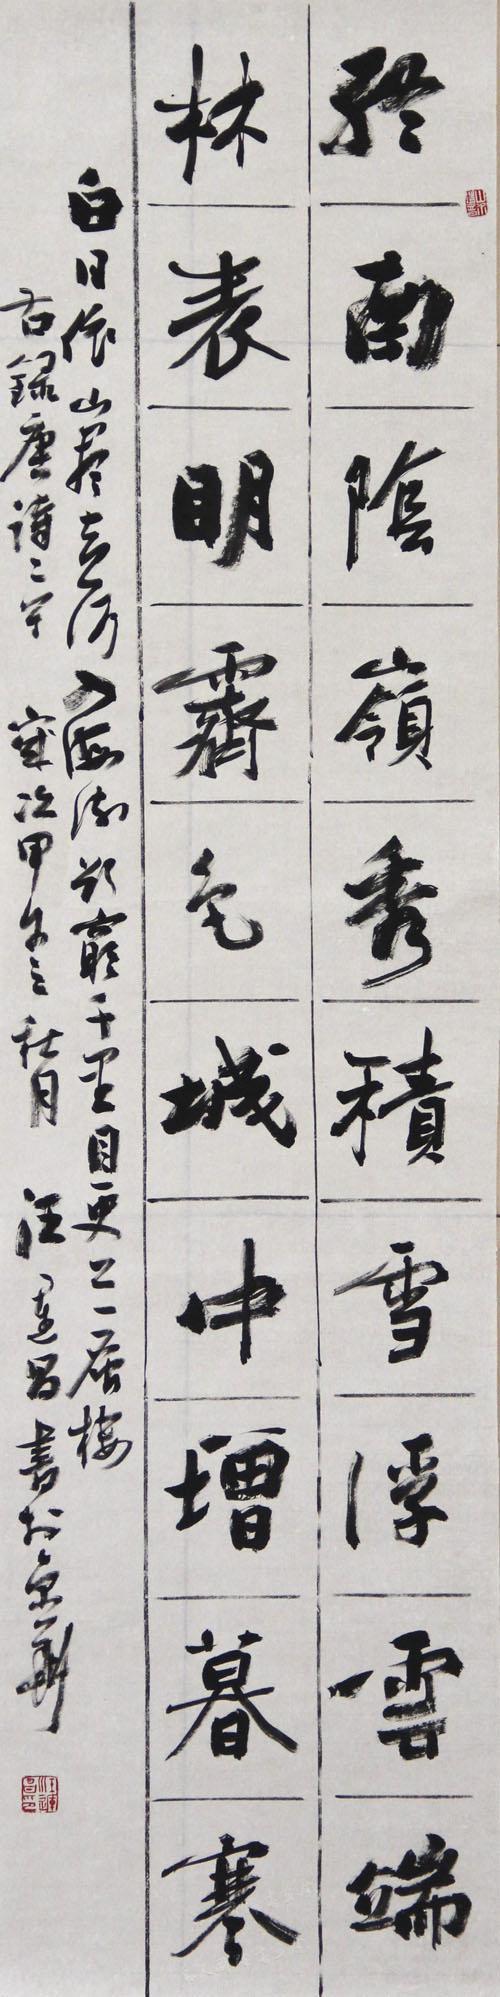 行楷书唐诗条幅137x35cm2014